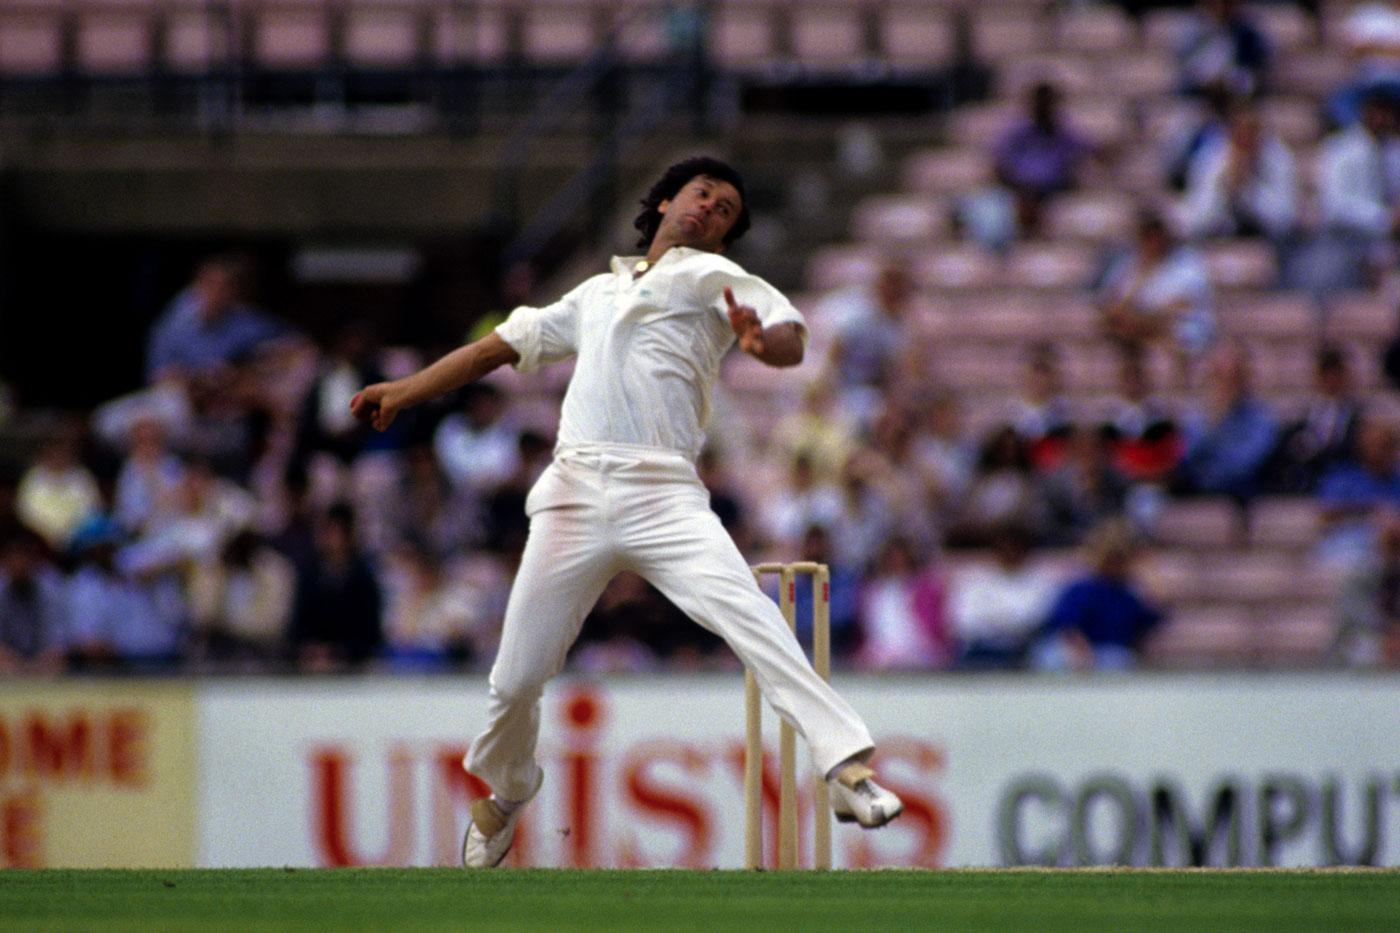 1987ء میں انگلستان کے خلاف شاندار سیریز جیتنے کے دوران پاکستانی کھلاڑیوں نے عید لندن میں منائی (تصویر: PA Photos)